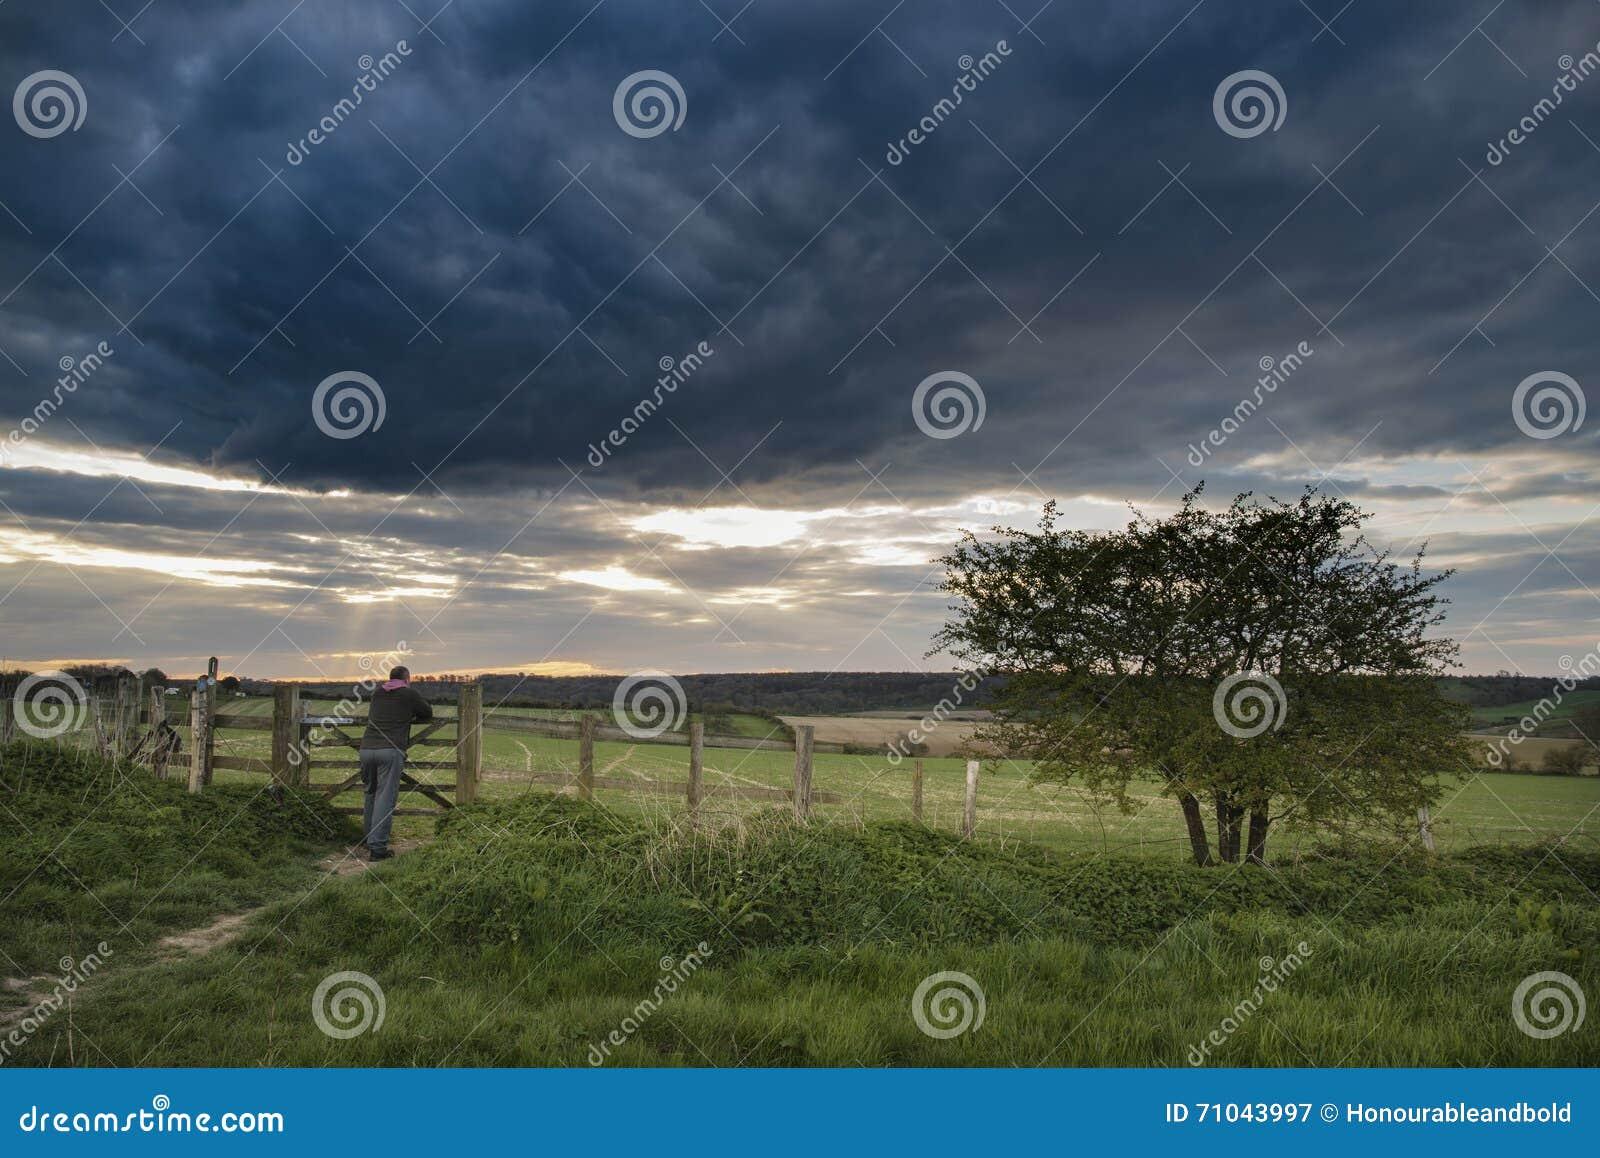 Mooi Engels Plattelandslandschap Over Gebieden Bij